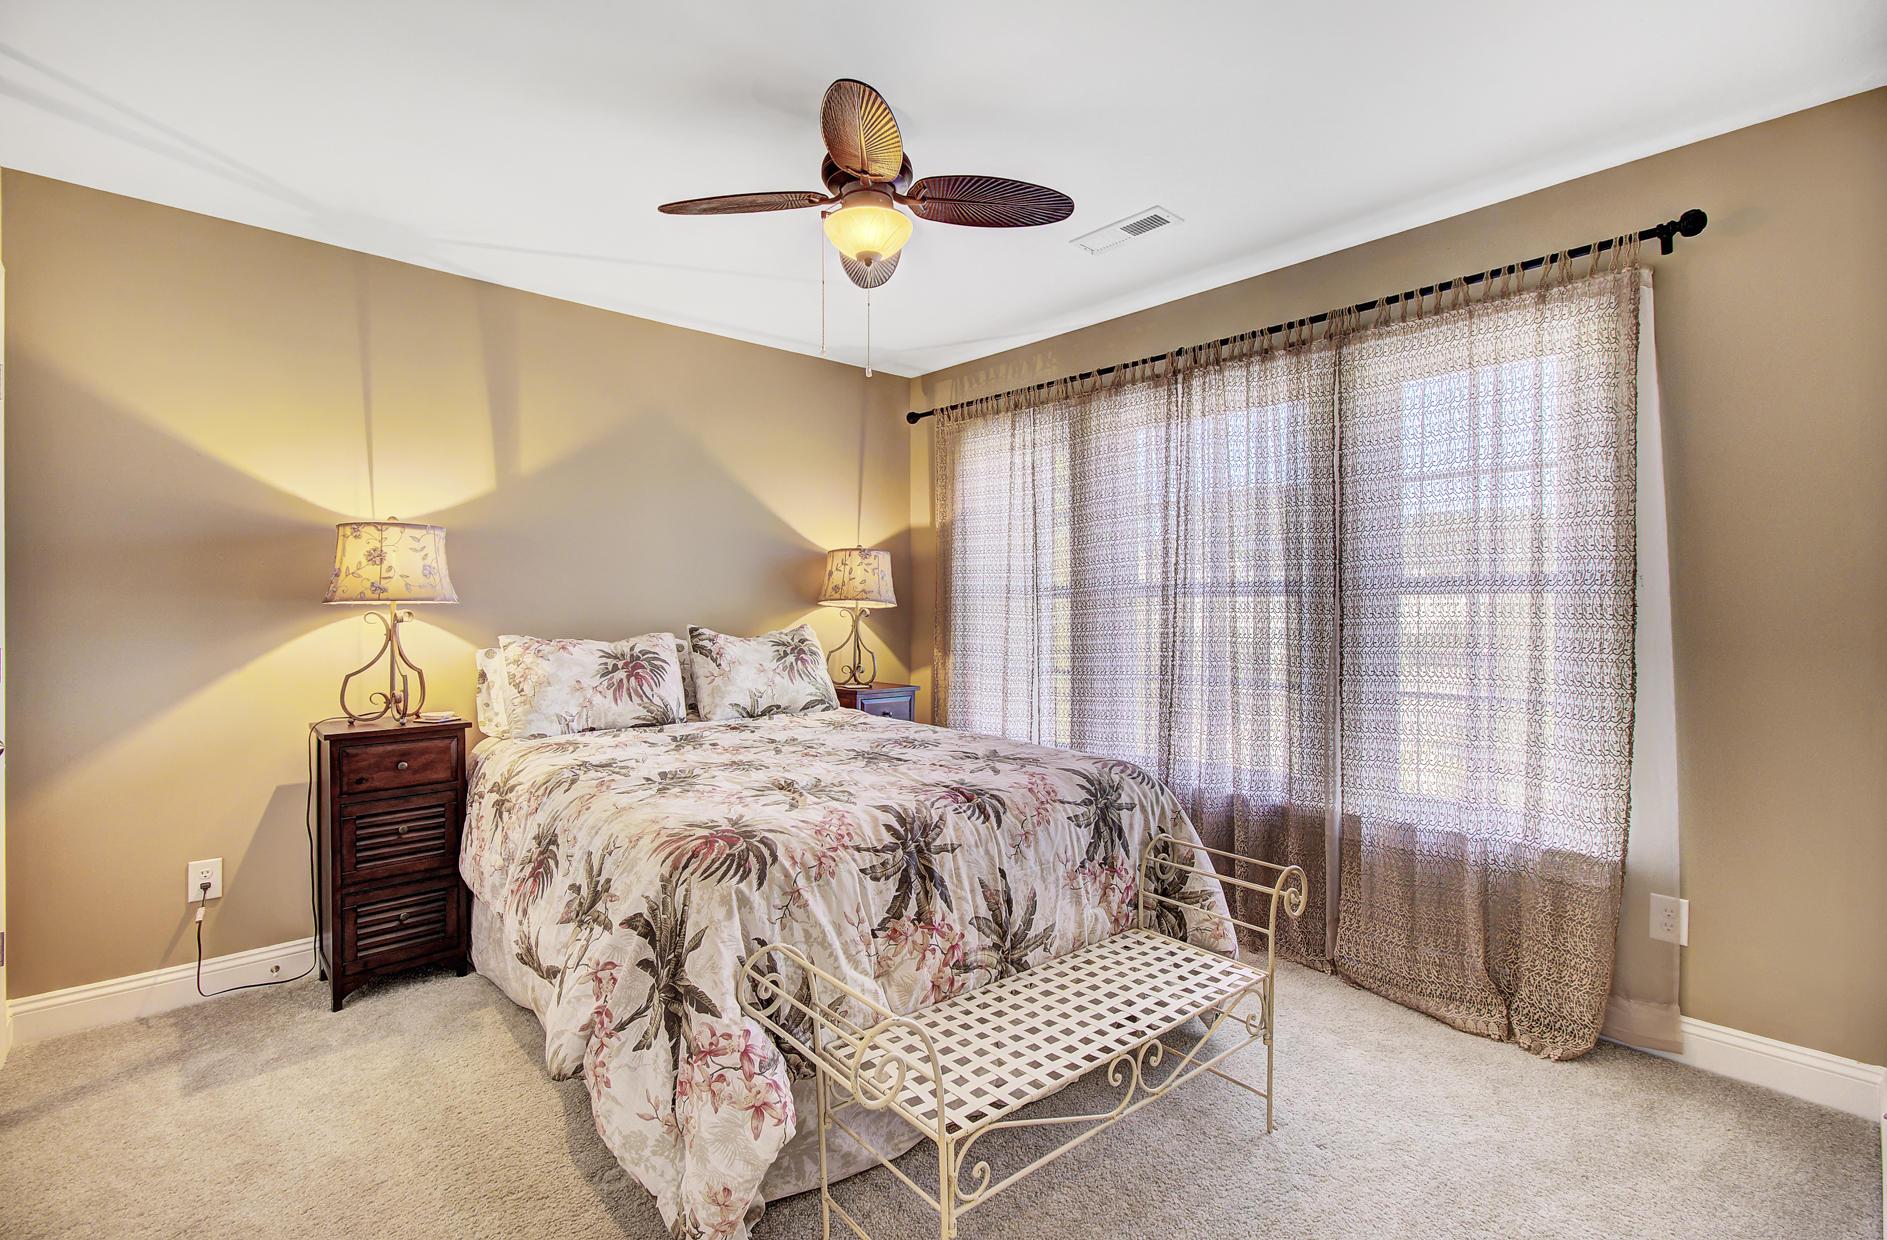 Park West Homes For Sale - 3672 Bagley, Mount Pleasant, SC - 4